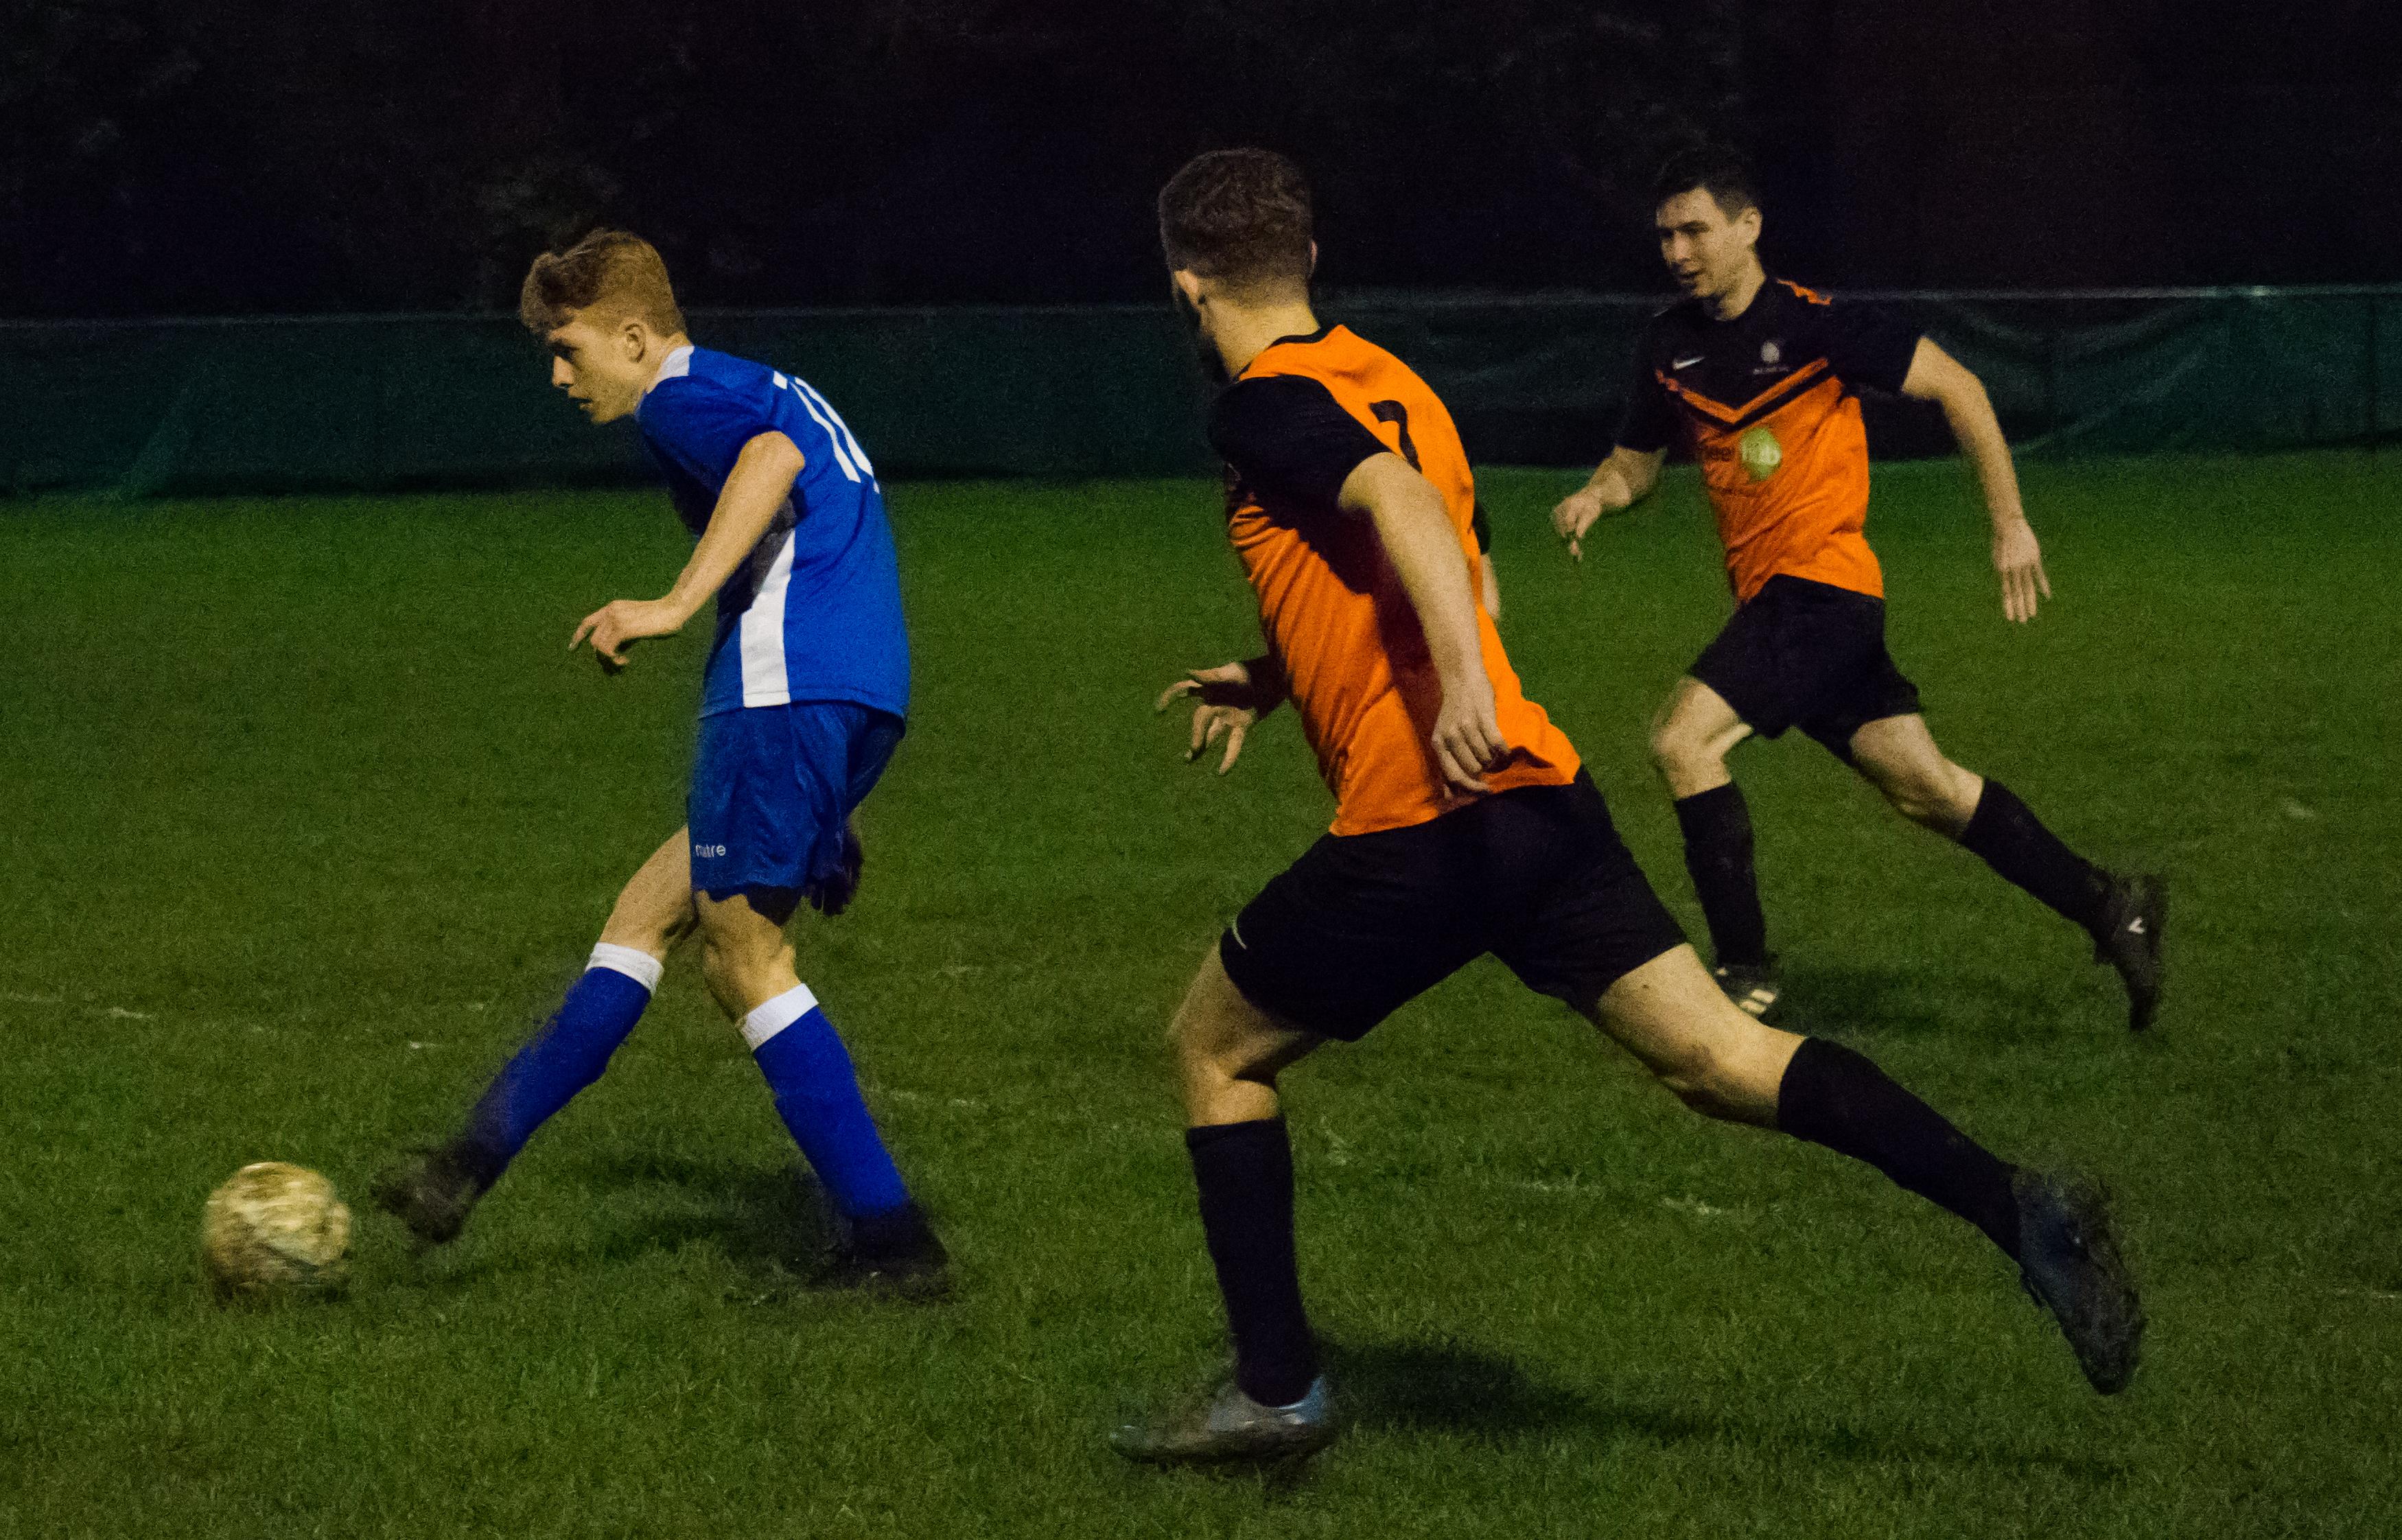 Mile Oak U21s vs Three Bridges U21s 09.11.17 03